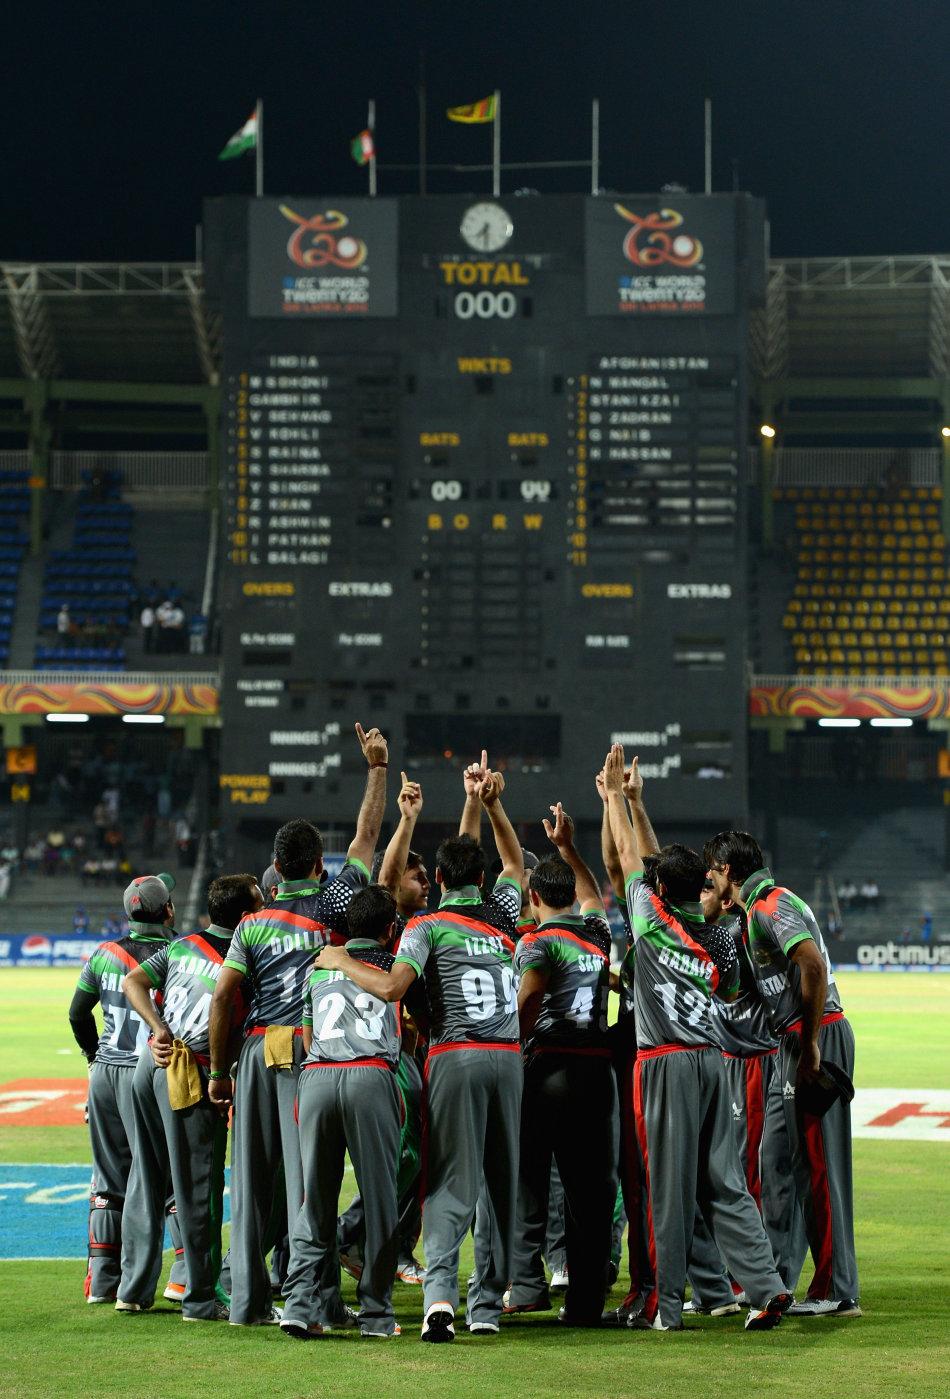 152346607 10 jpg 141816 - Top Cricket Photos of 2012